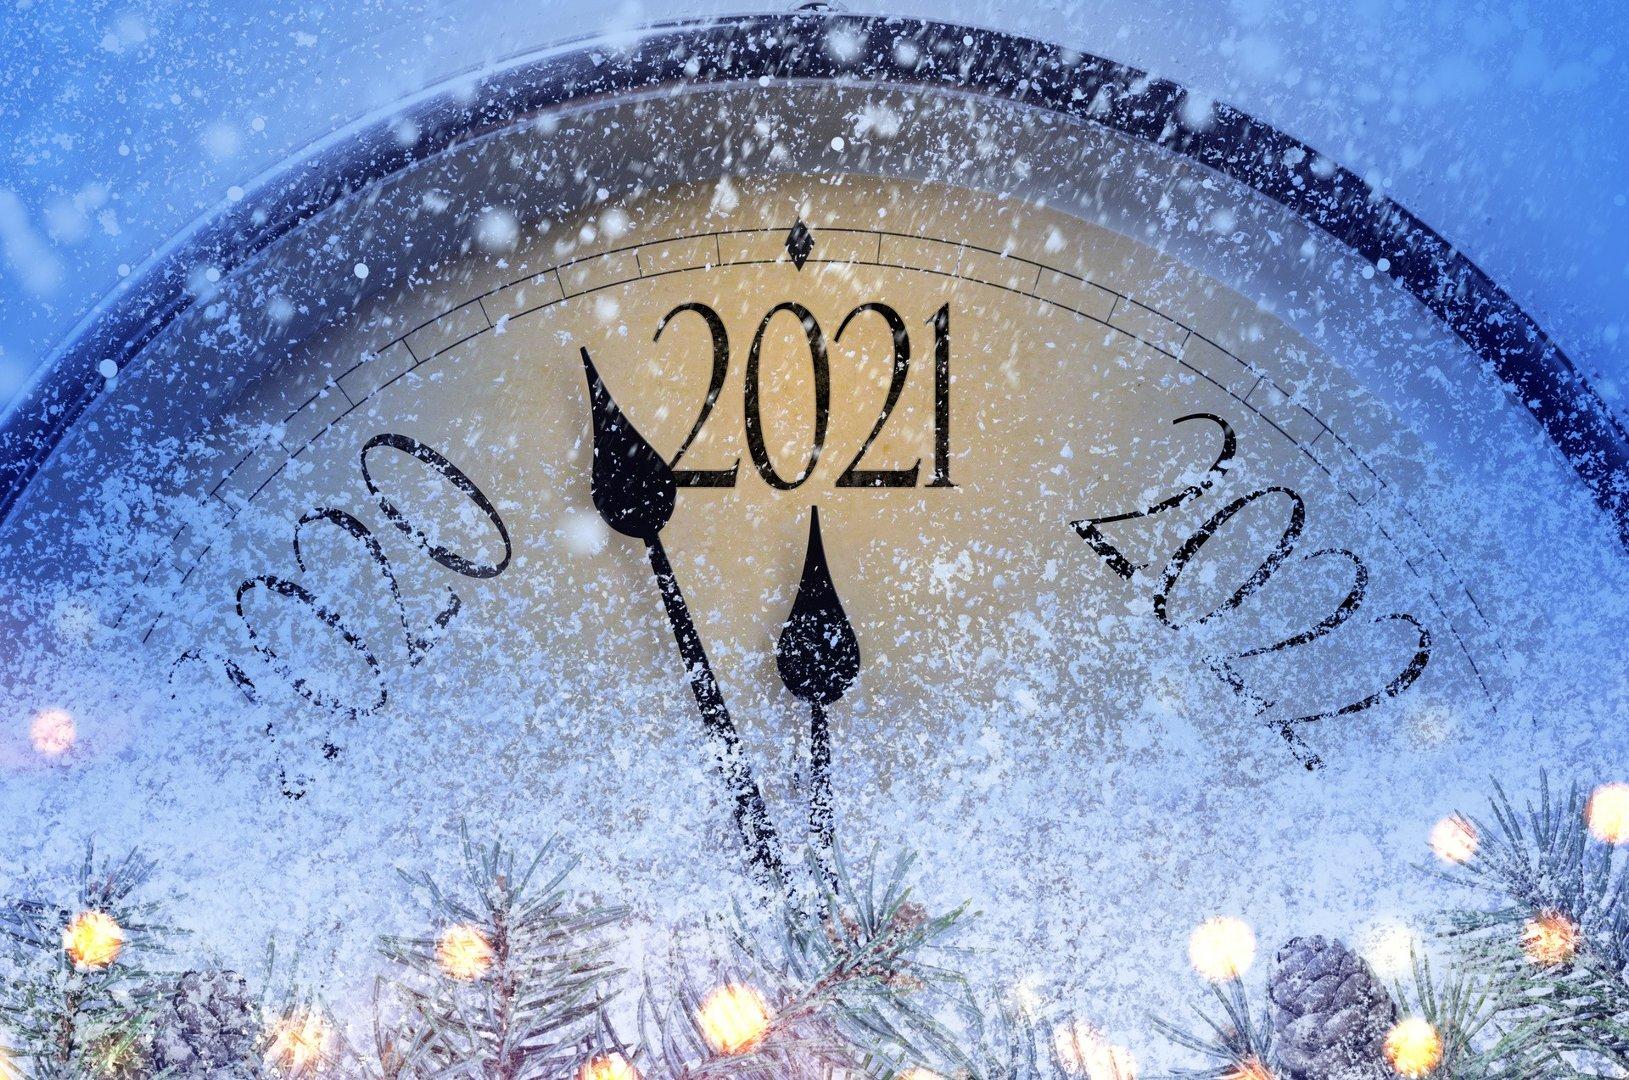 Te znaki zodiaku dobrze wejdą w 2021 rok! Pieniądze, miłość, może awans - co dobrego pojawi się na ich drodze? Horoskop na Nowy Rok | Gazeta Lubuska